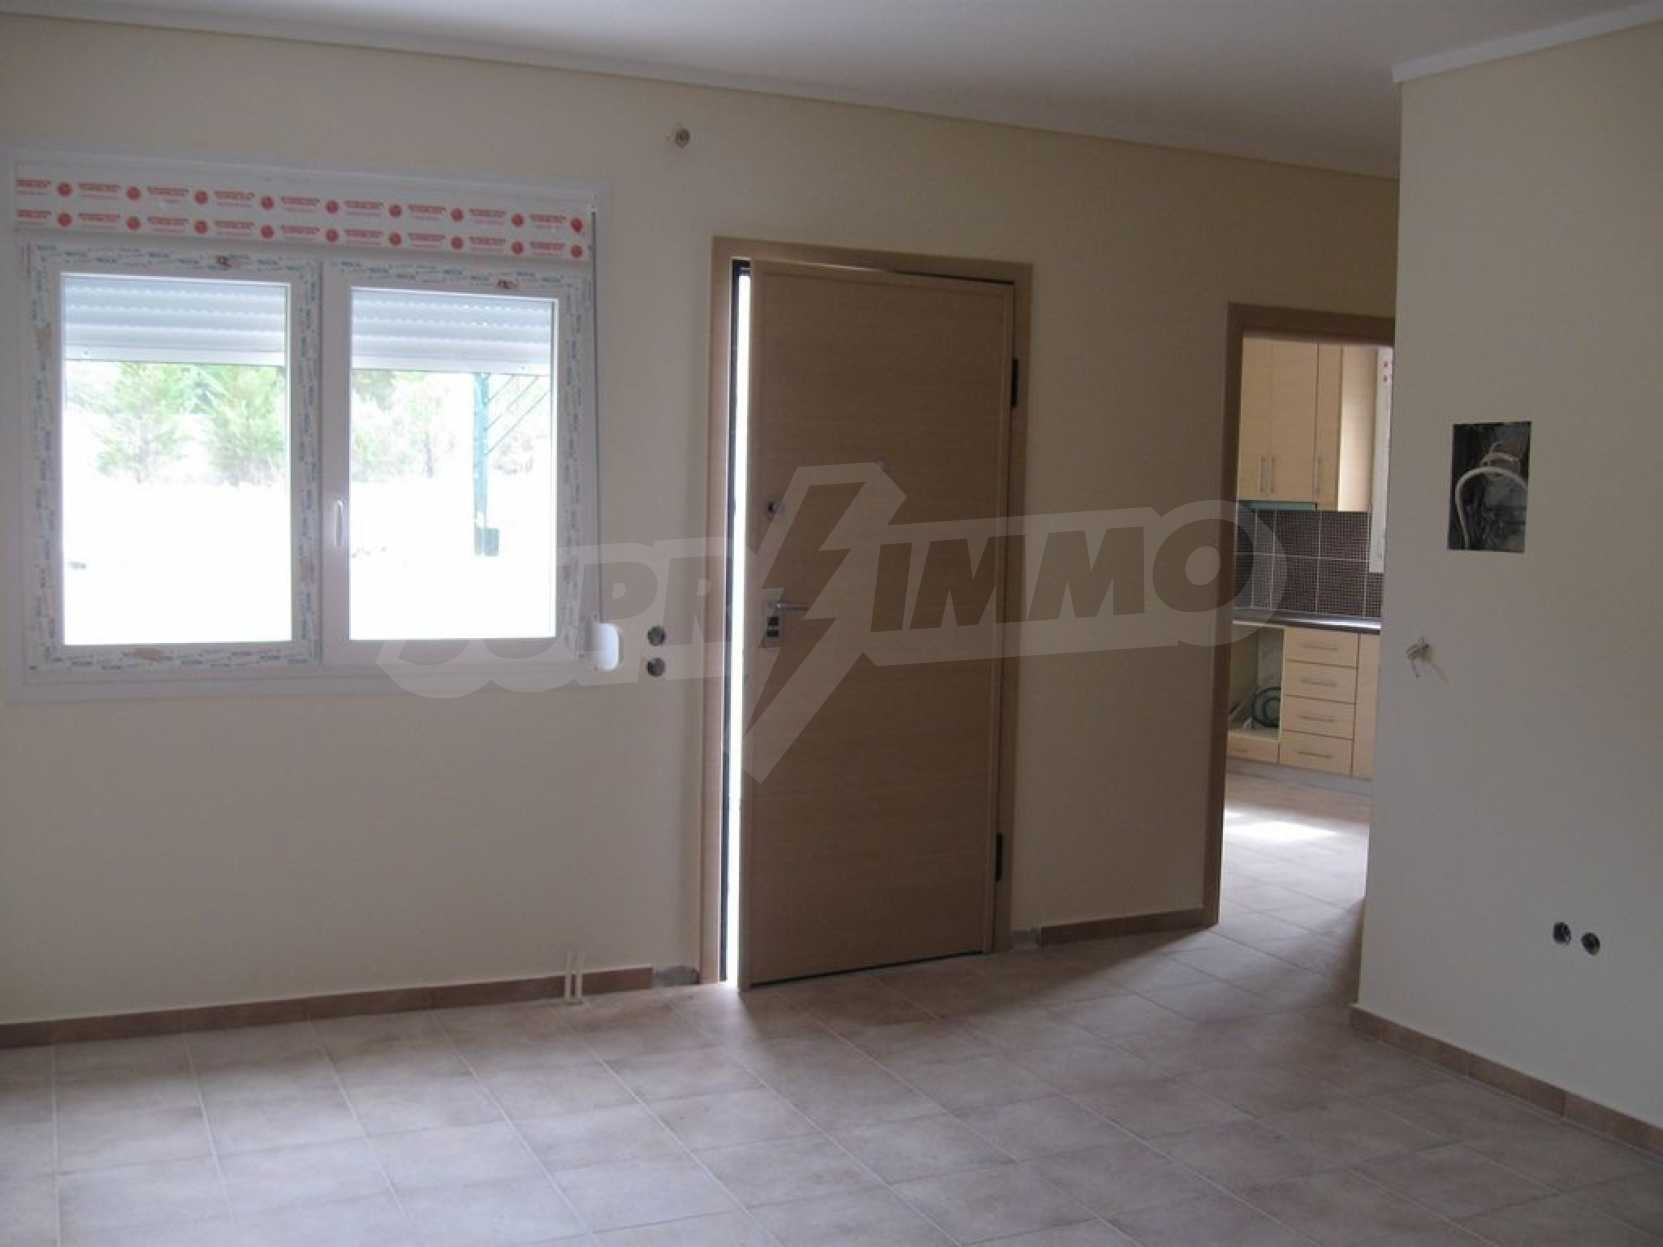 Апартамент  във  Вурвуру 1